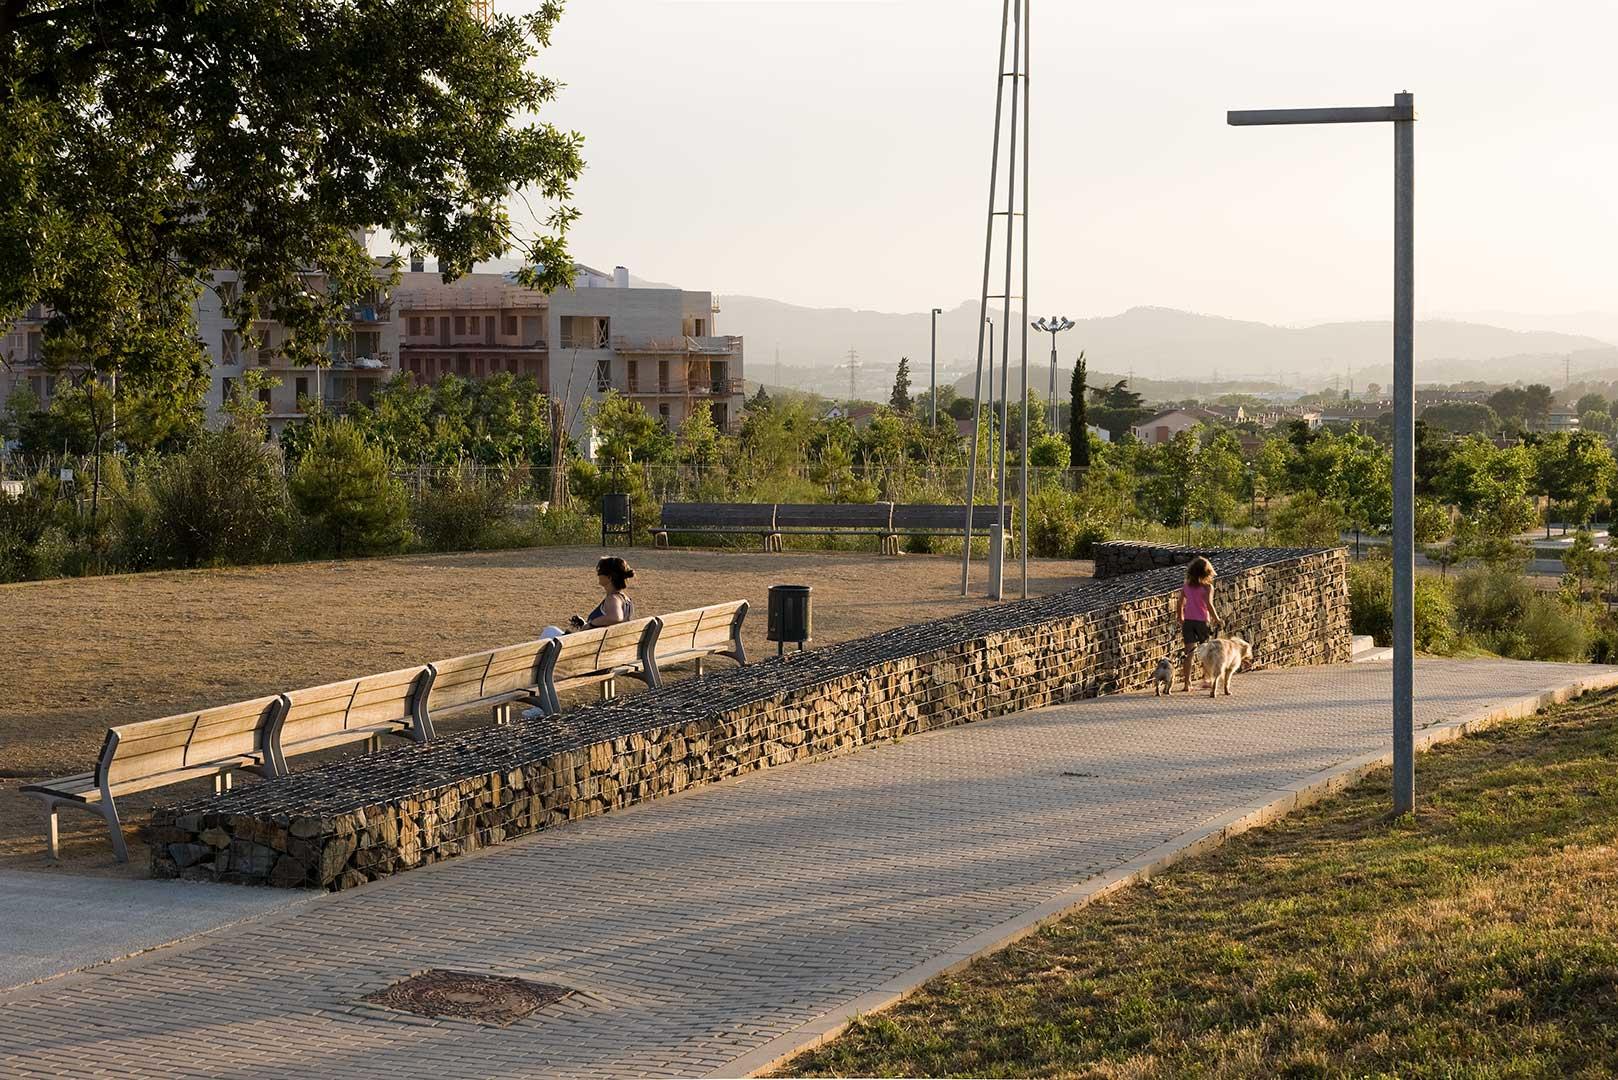 Turó de Can Mates Park